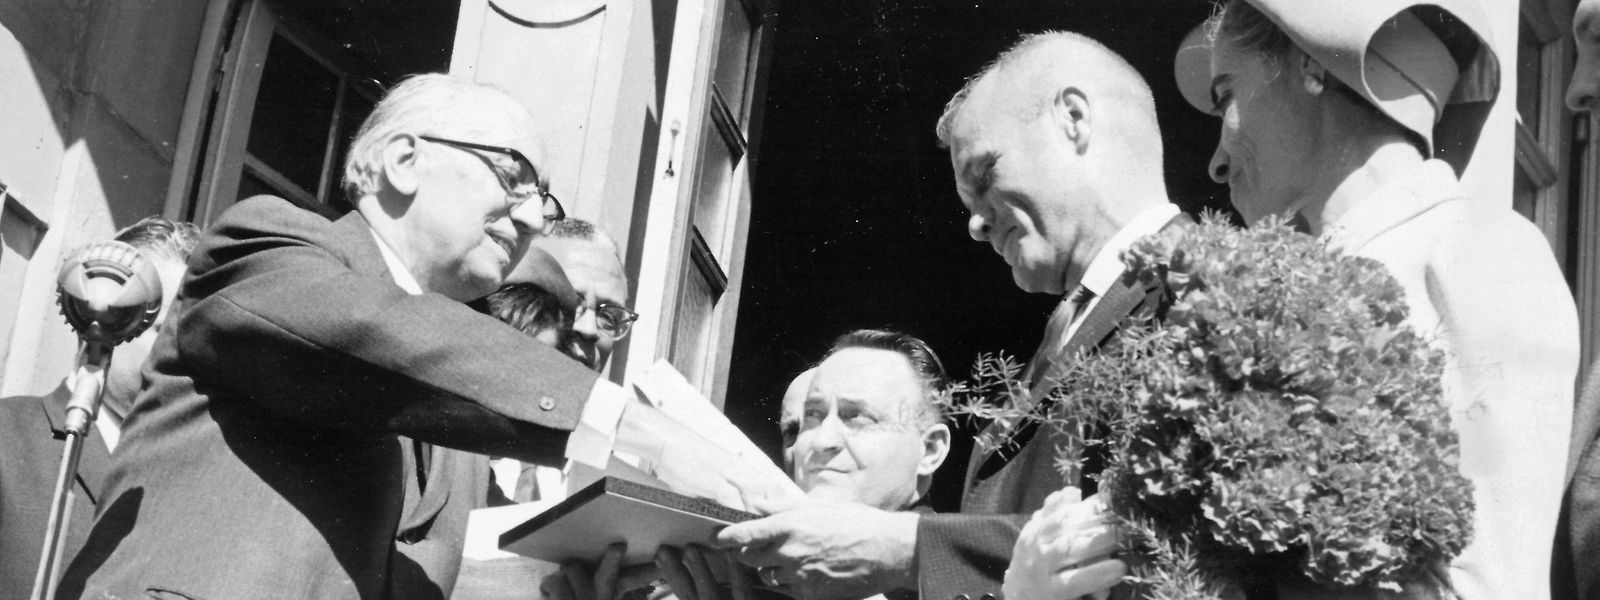 Léon Mischo (l.), der damalige Bürgermeister von Ettelbrück, heißt John Glenn (r.) willkommen.